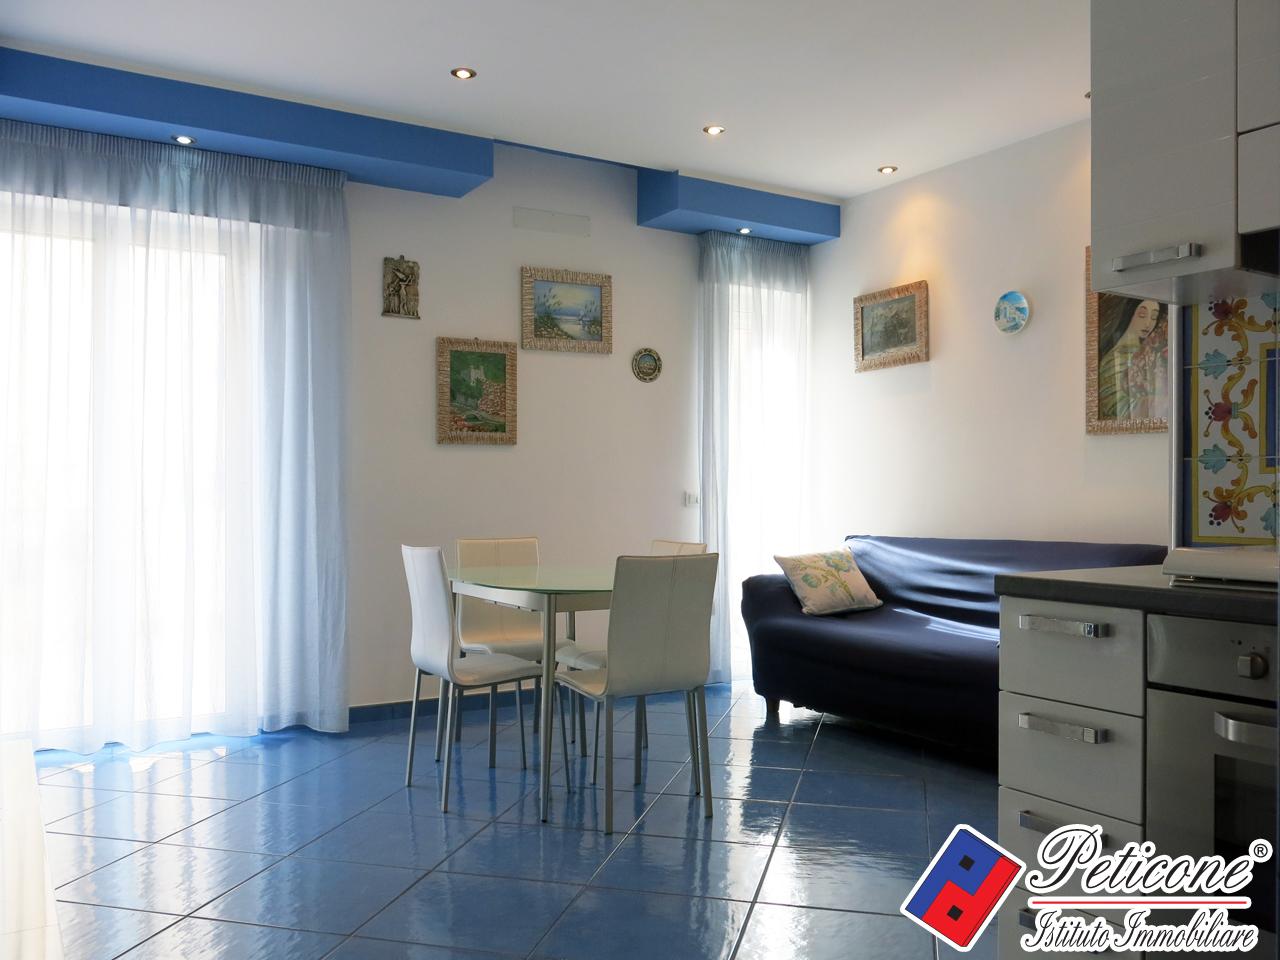 appartamento in case vacanze a sperlonga cod. 02 - zaffiro